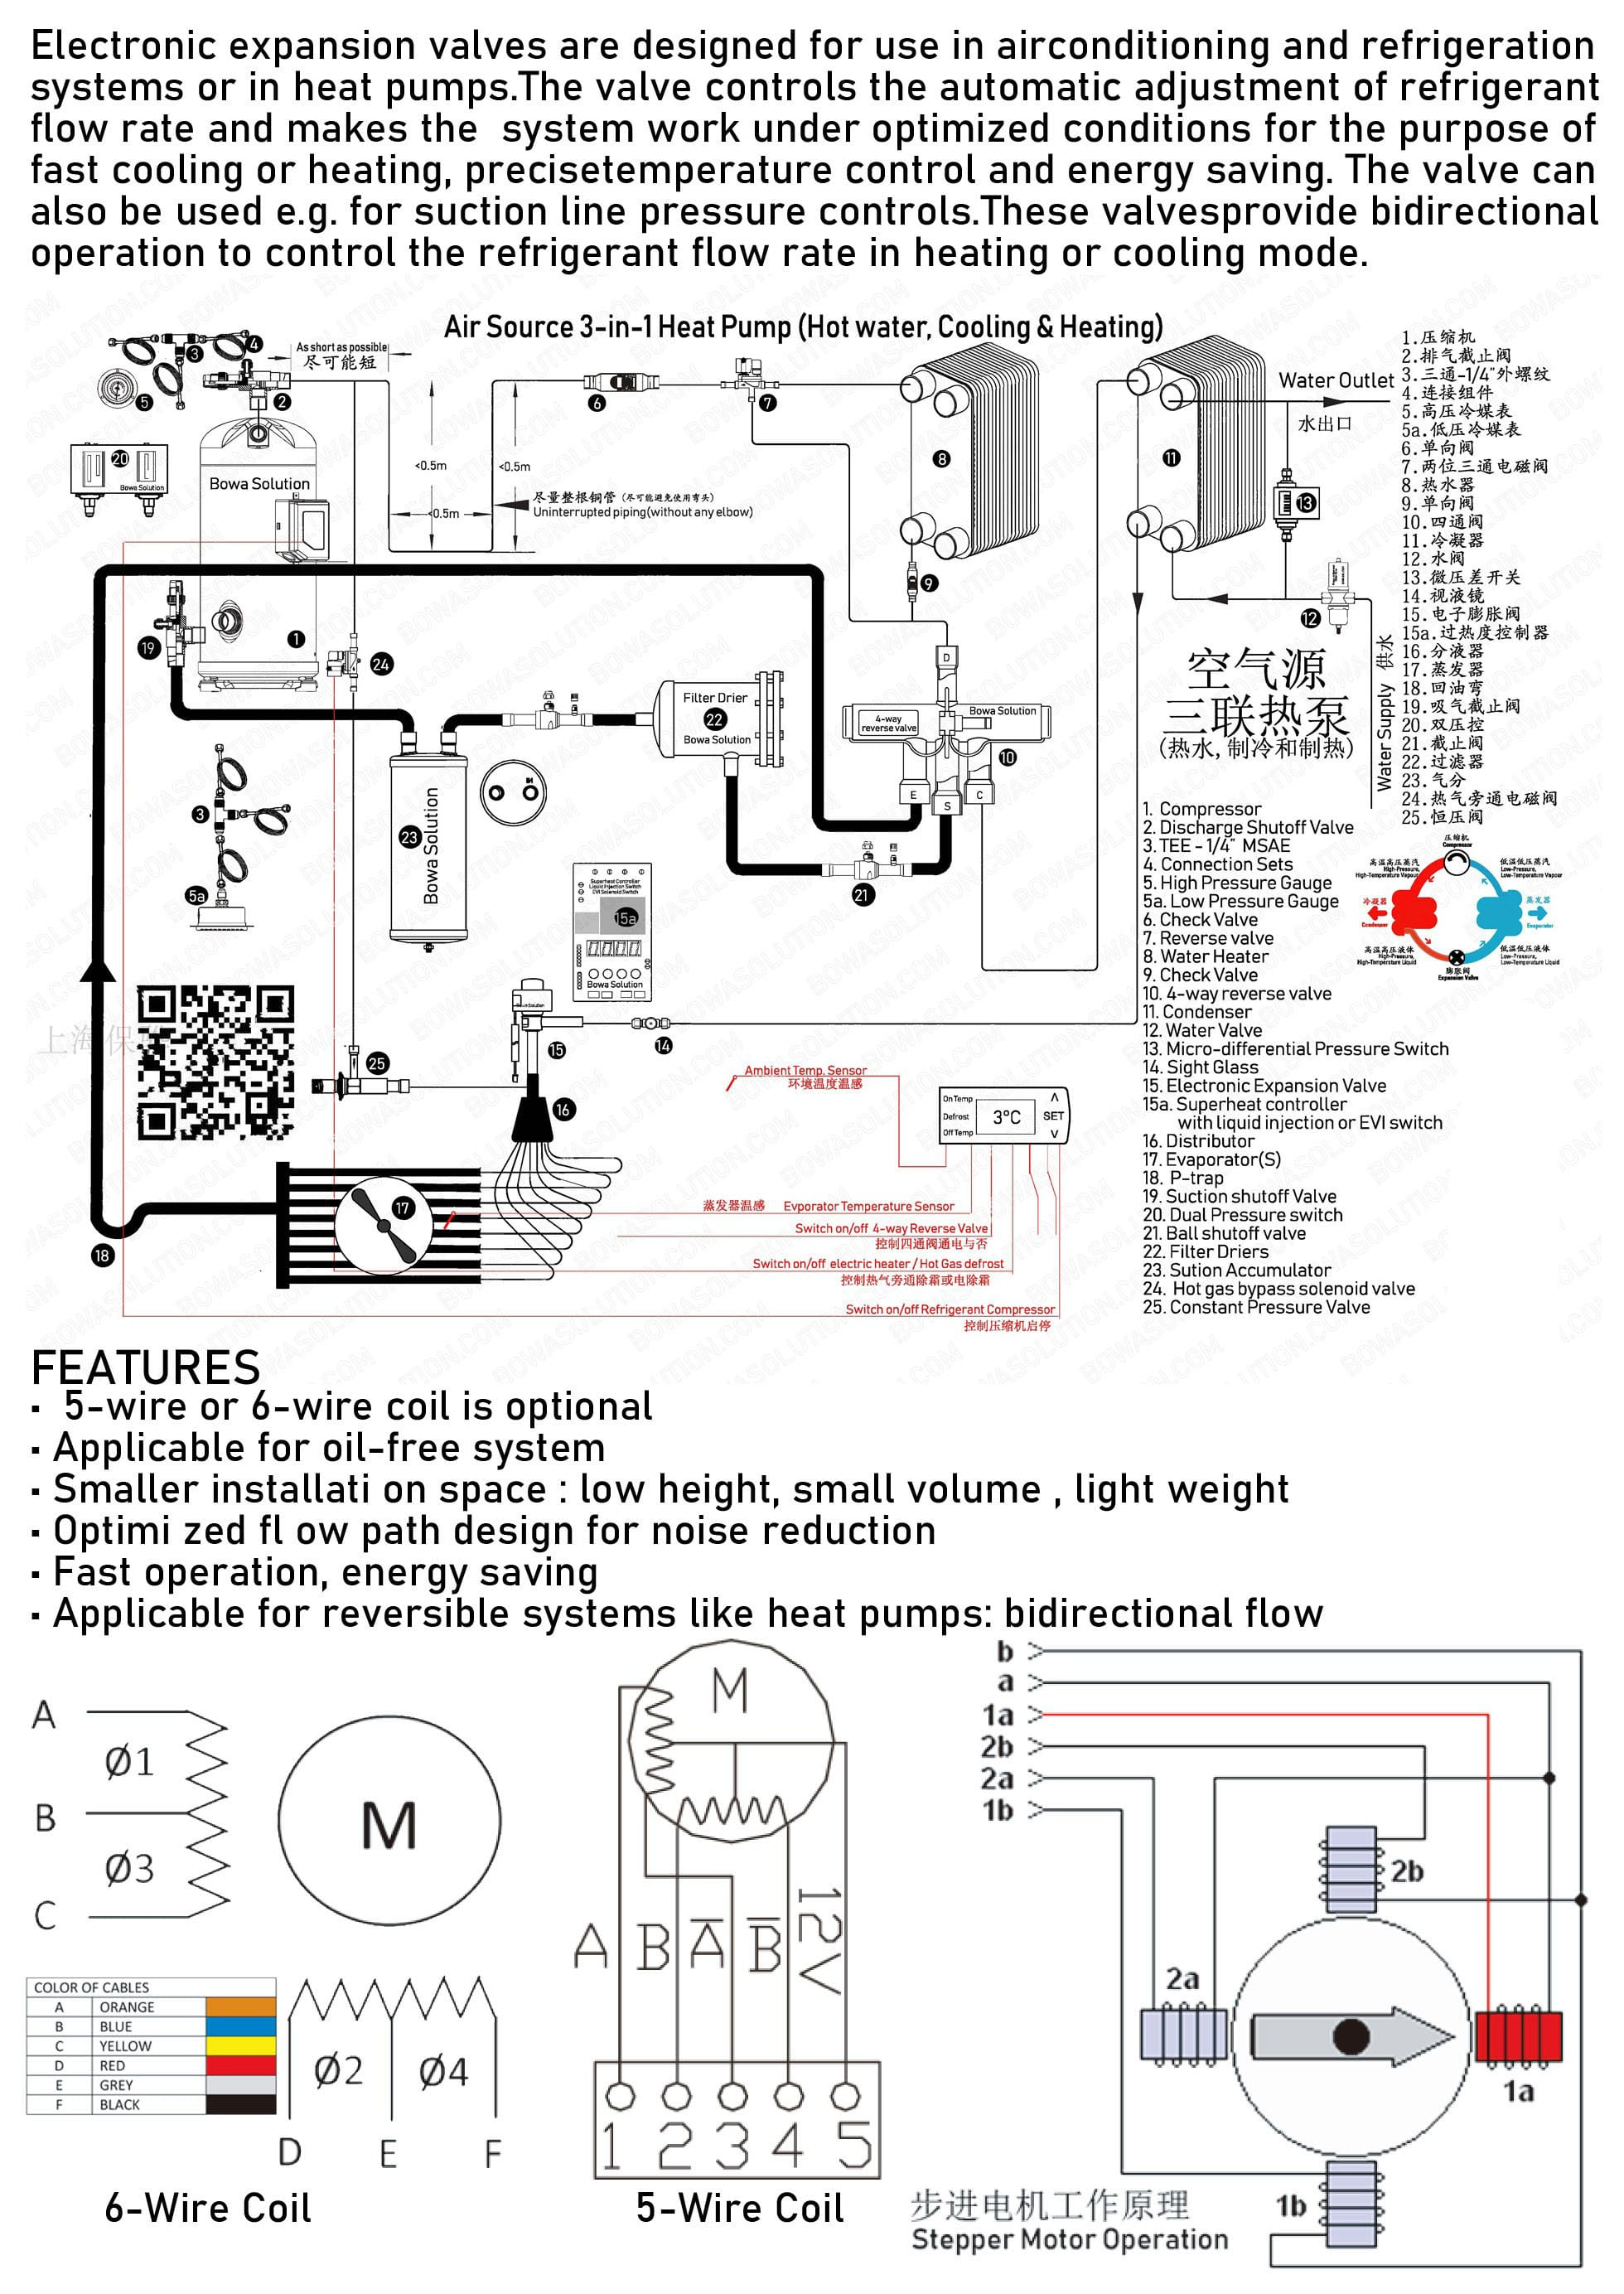 Thermodynamic expansion valve SME series 10